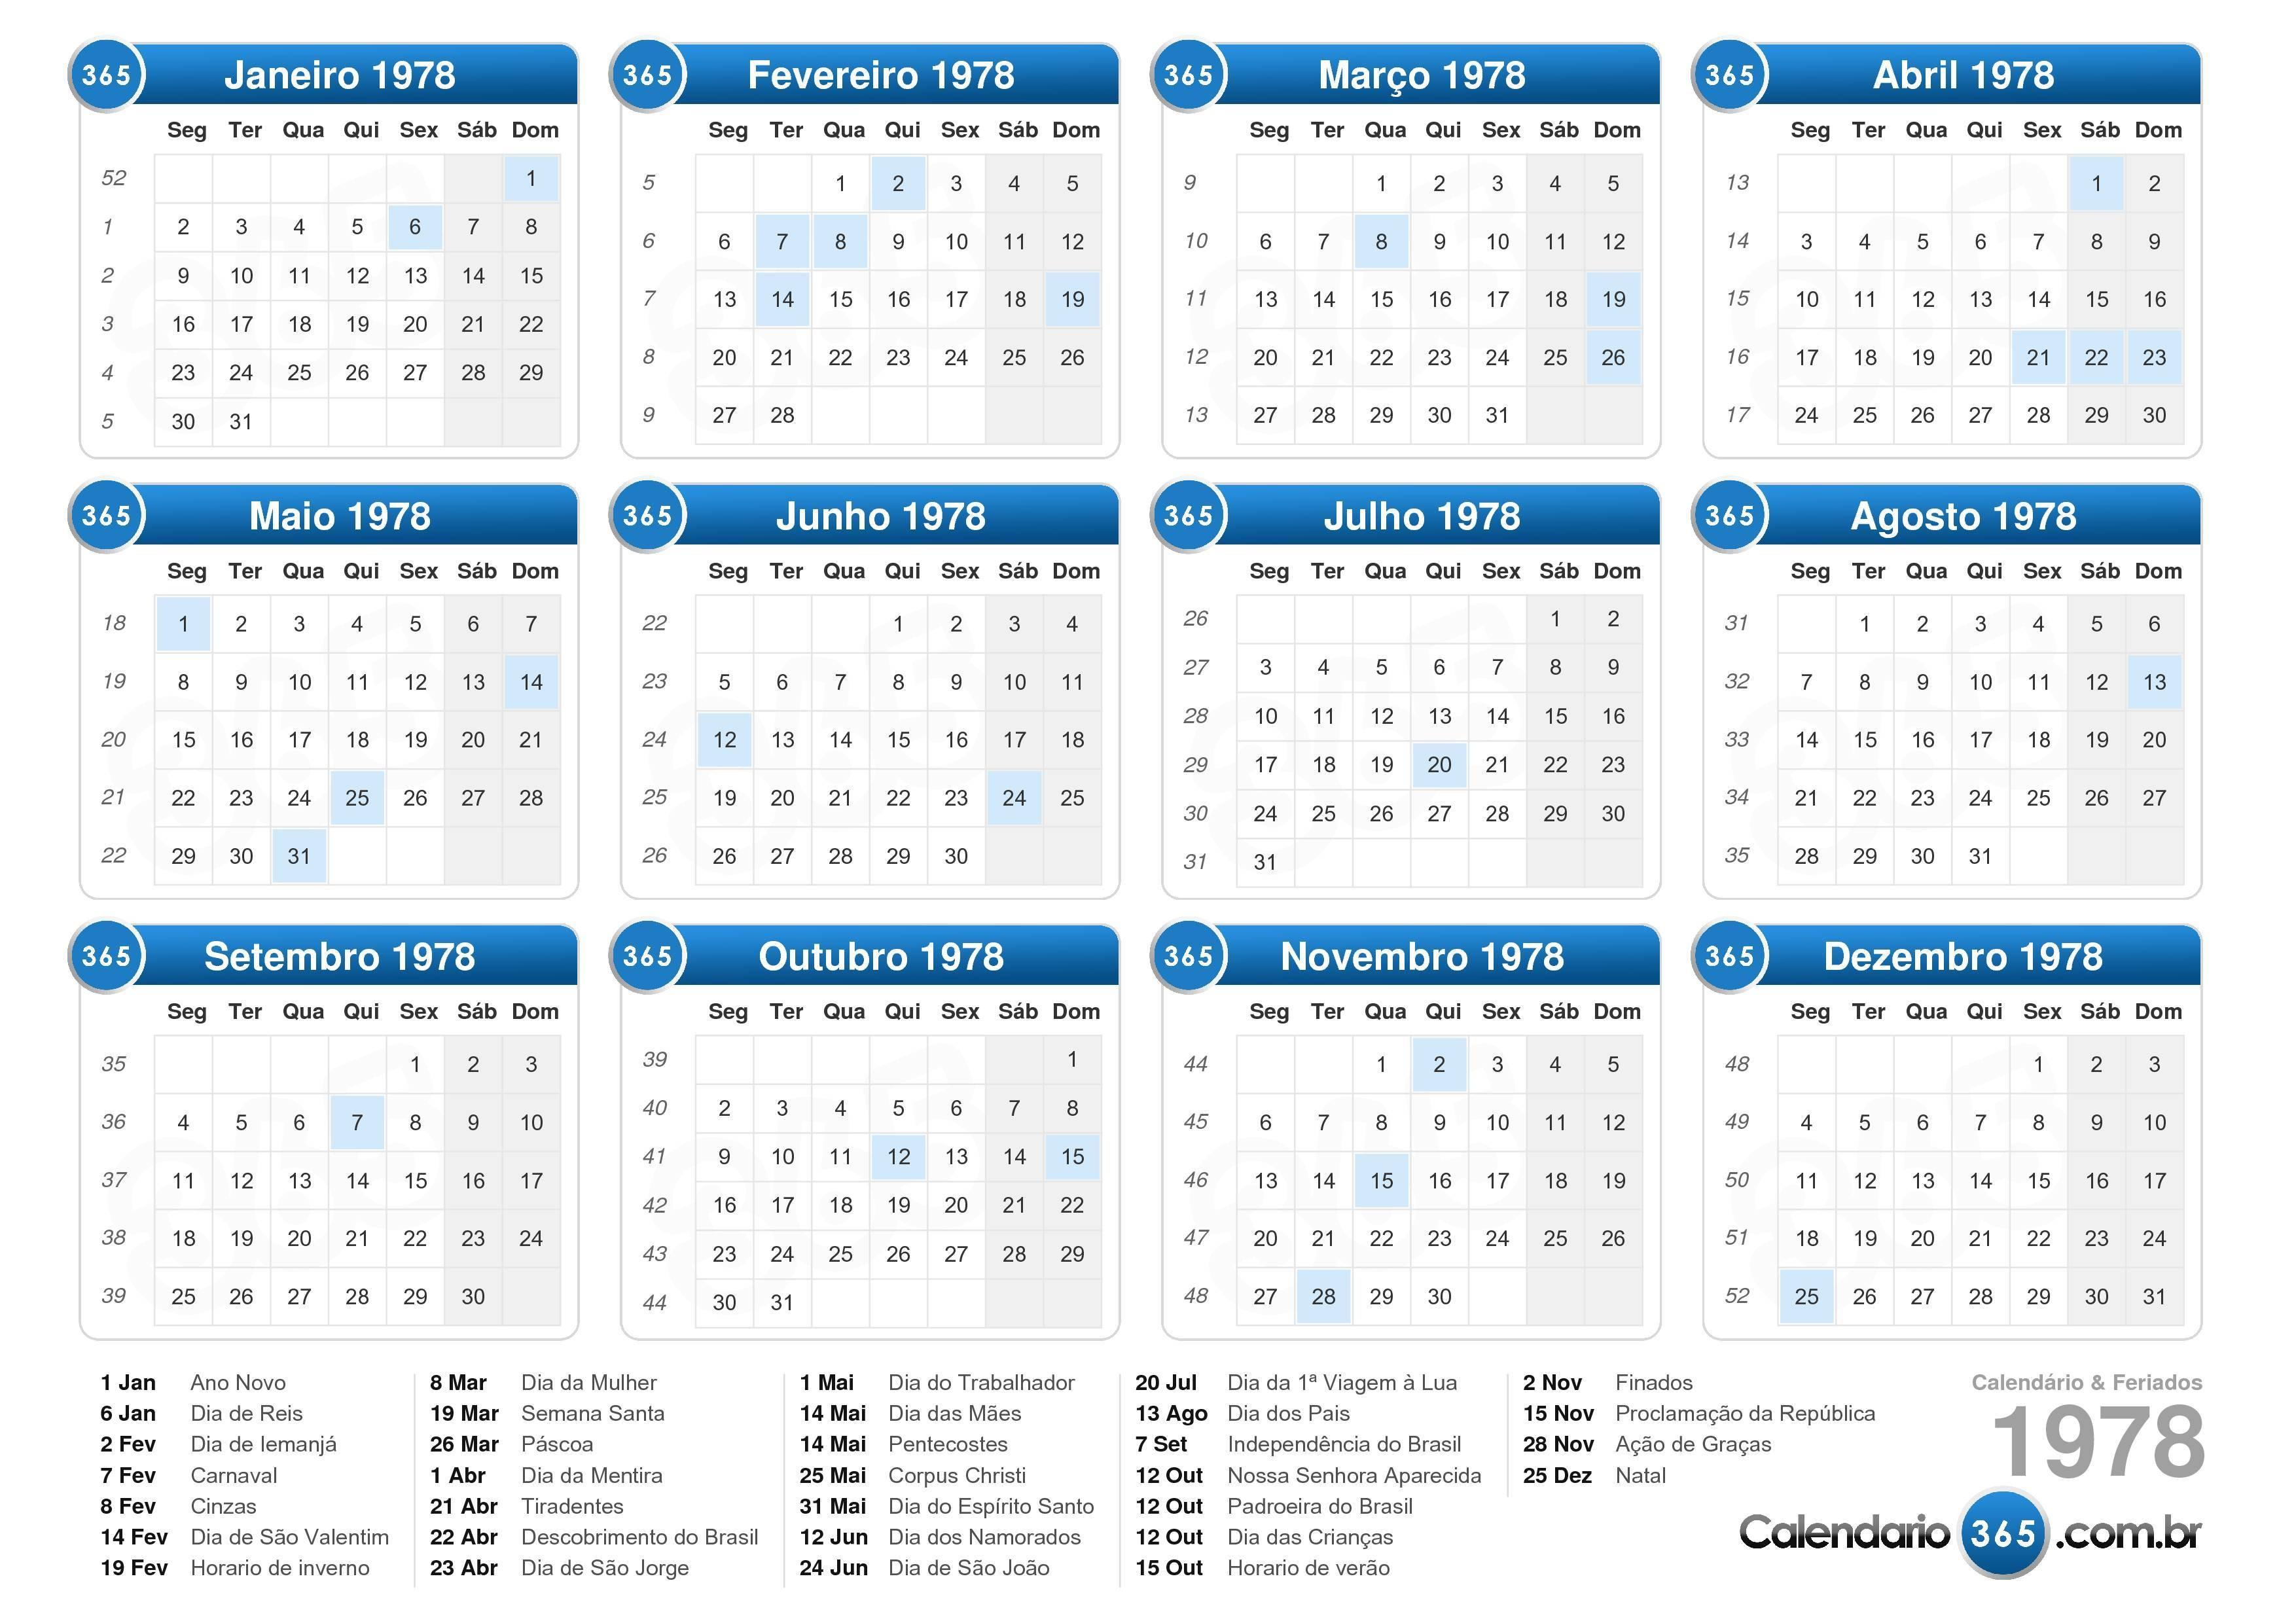 Calendário Do Abono Salarial 2018 E 2019 Más Recientes Calendario Novembro 2018 Imprimir T Of Calendário Do Abono Salarial 2018 E 2019 Más Arriba-a-fecha Calendario Novembro 2018 Imprimir T